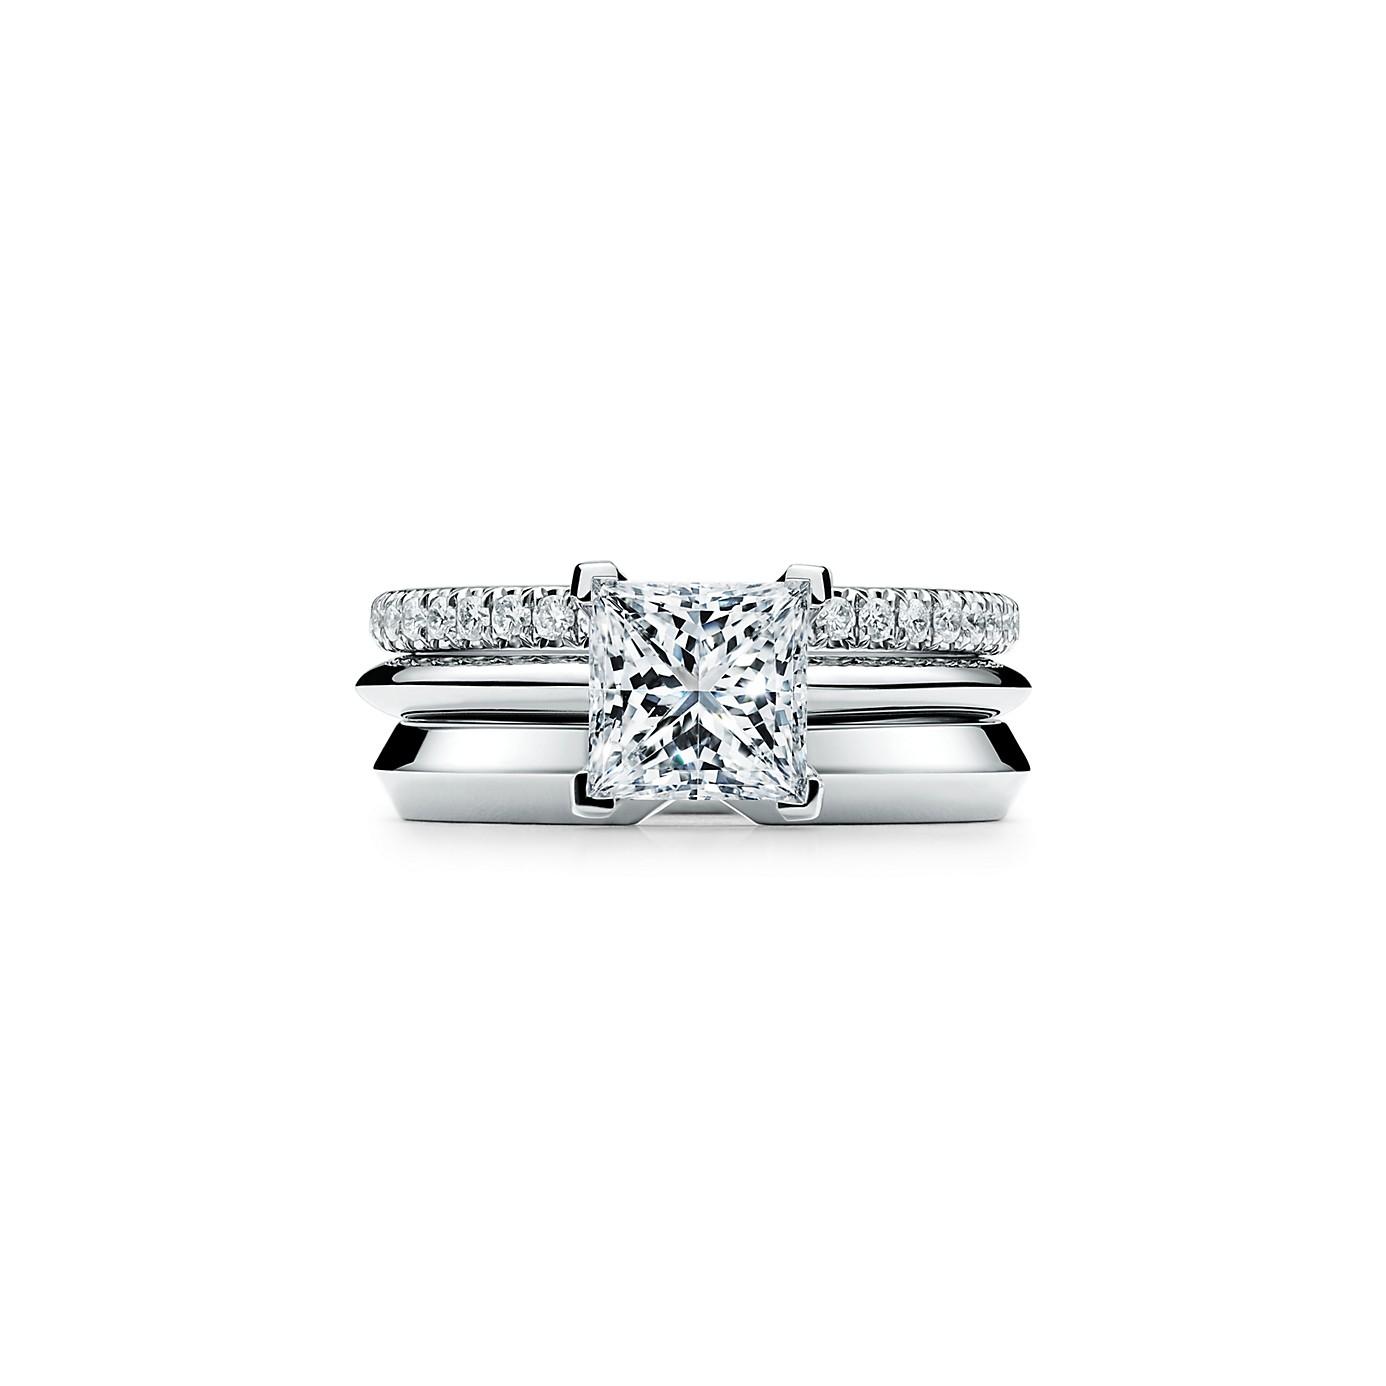 プリンセス カット ダイヤモンド エンゲージメント リング(3)―Tiffany & Co.(ティファニー)